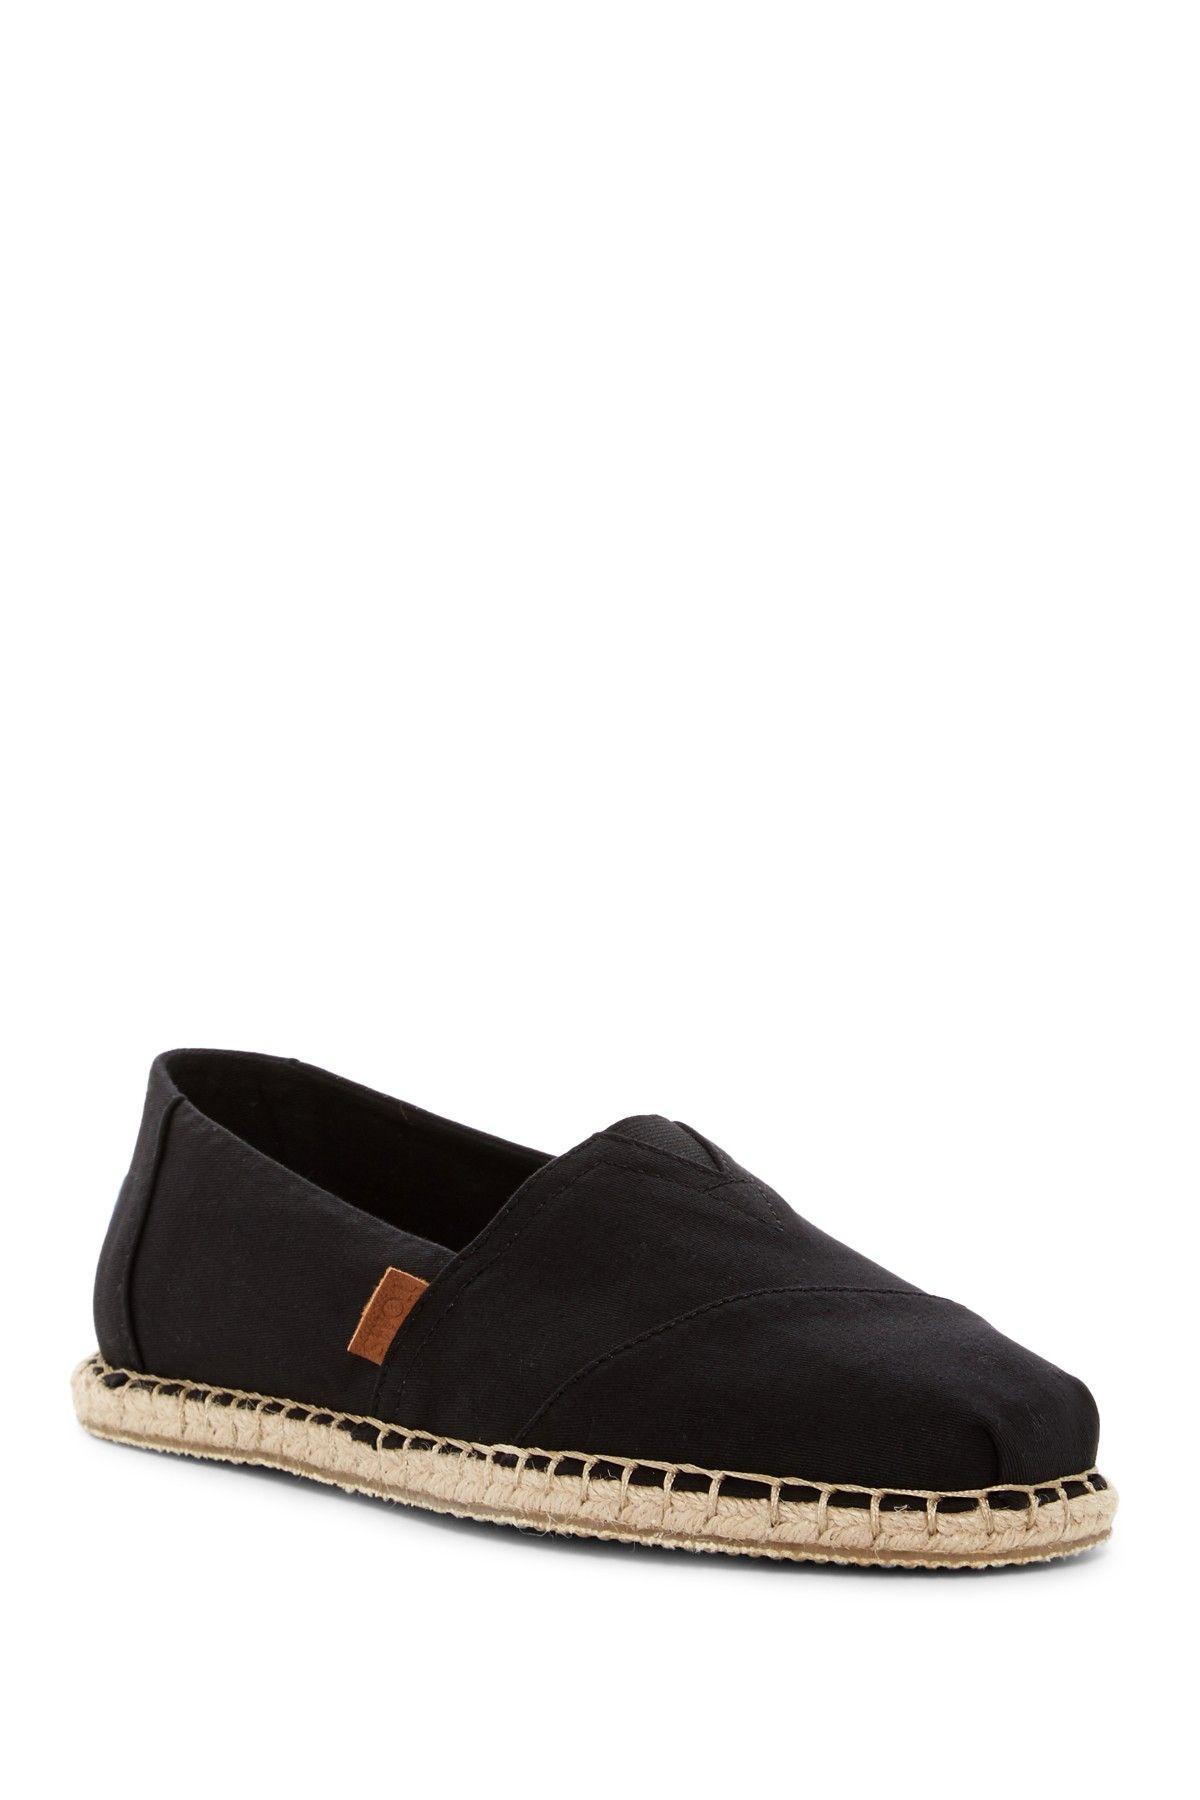 Classic Alpargata Slip-On Shoe  053357eb33a